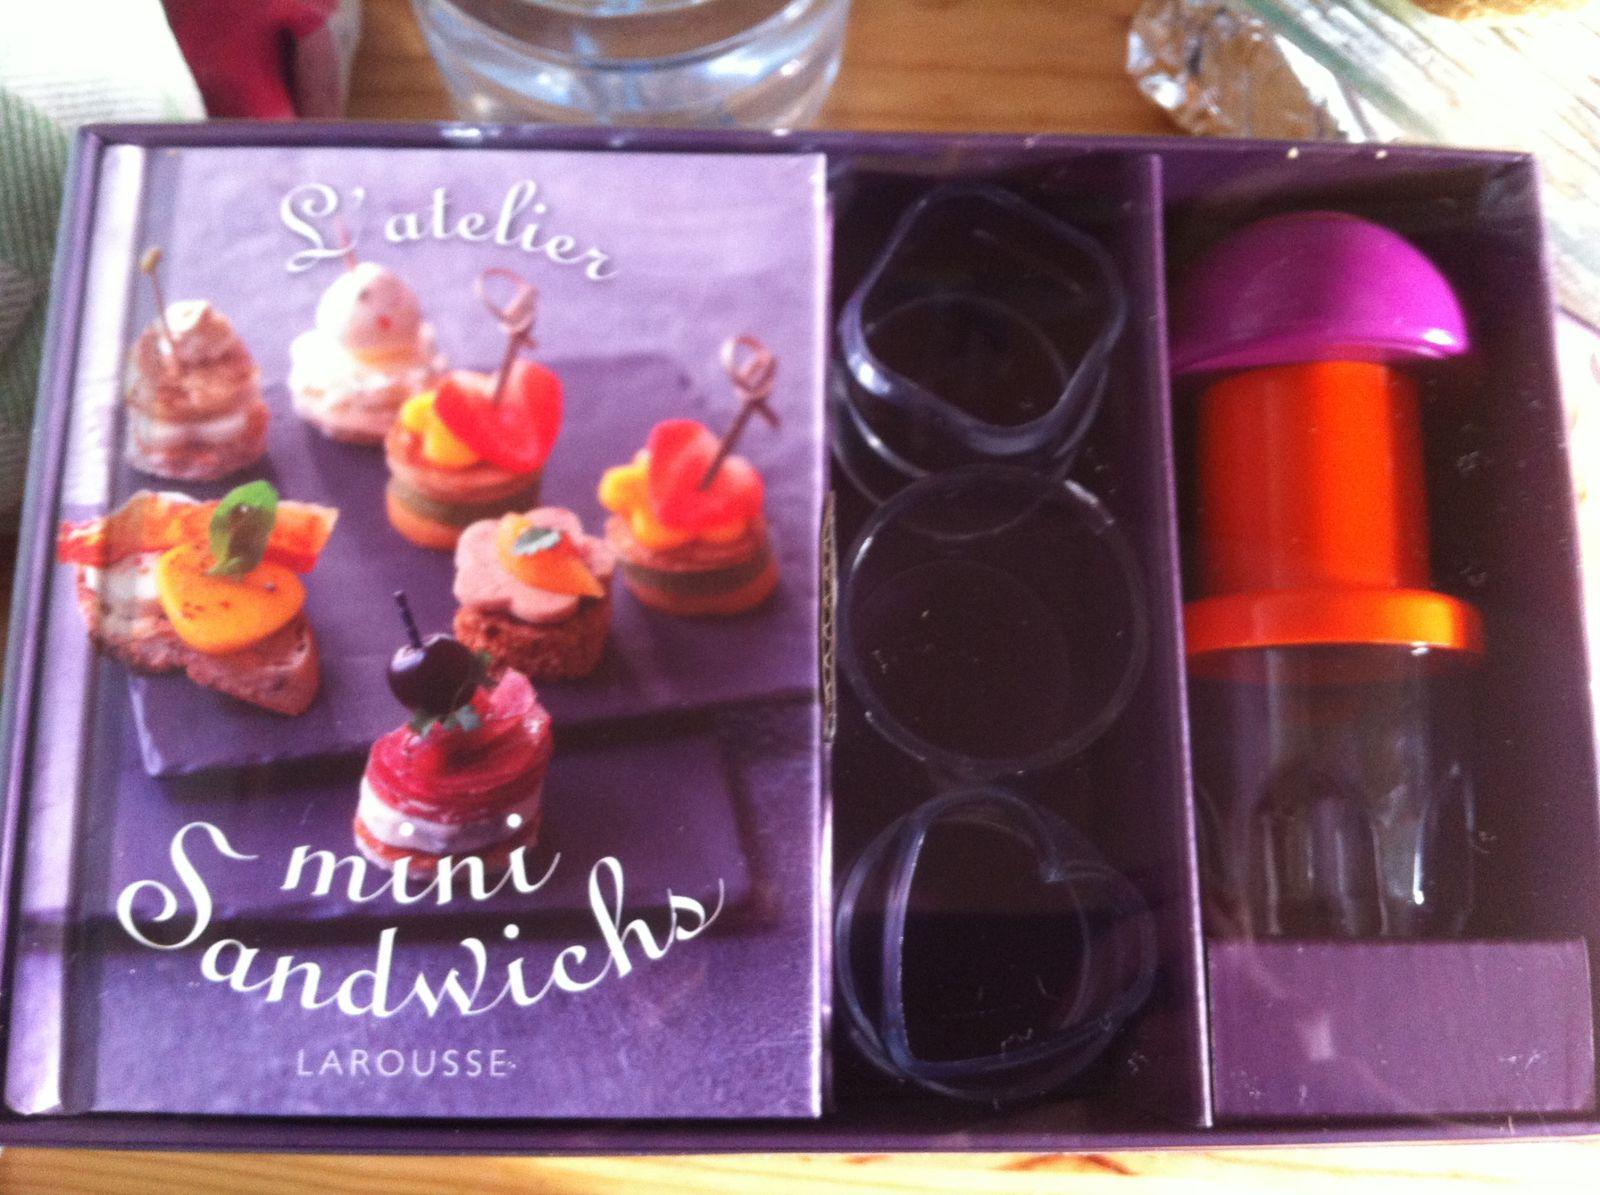 L'atelier de minis sandwichs Larousse